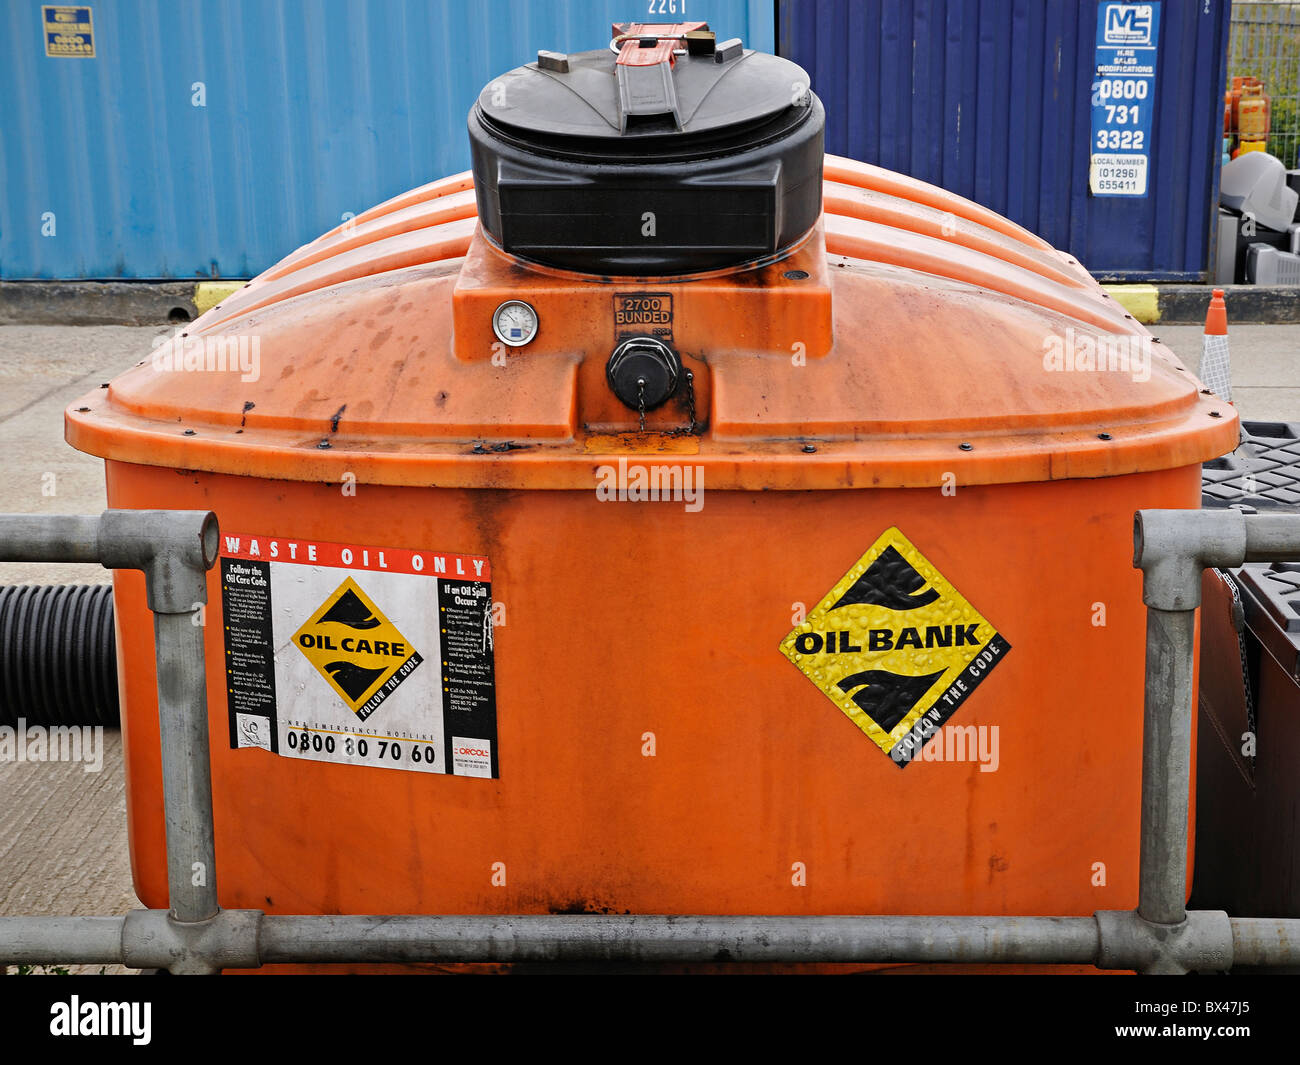 Banco de petróleo en un centro de reciclaje y gestión de residuos, en el Reino Unido. Imagen De Stock